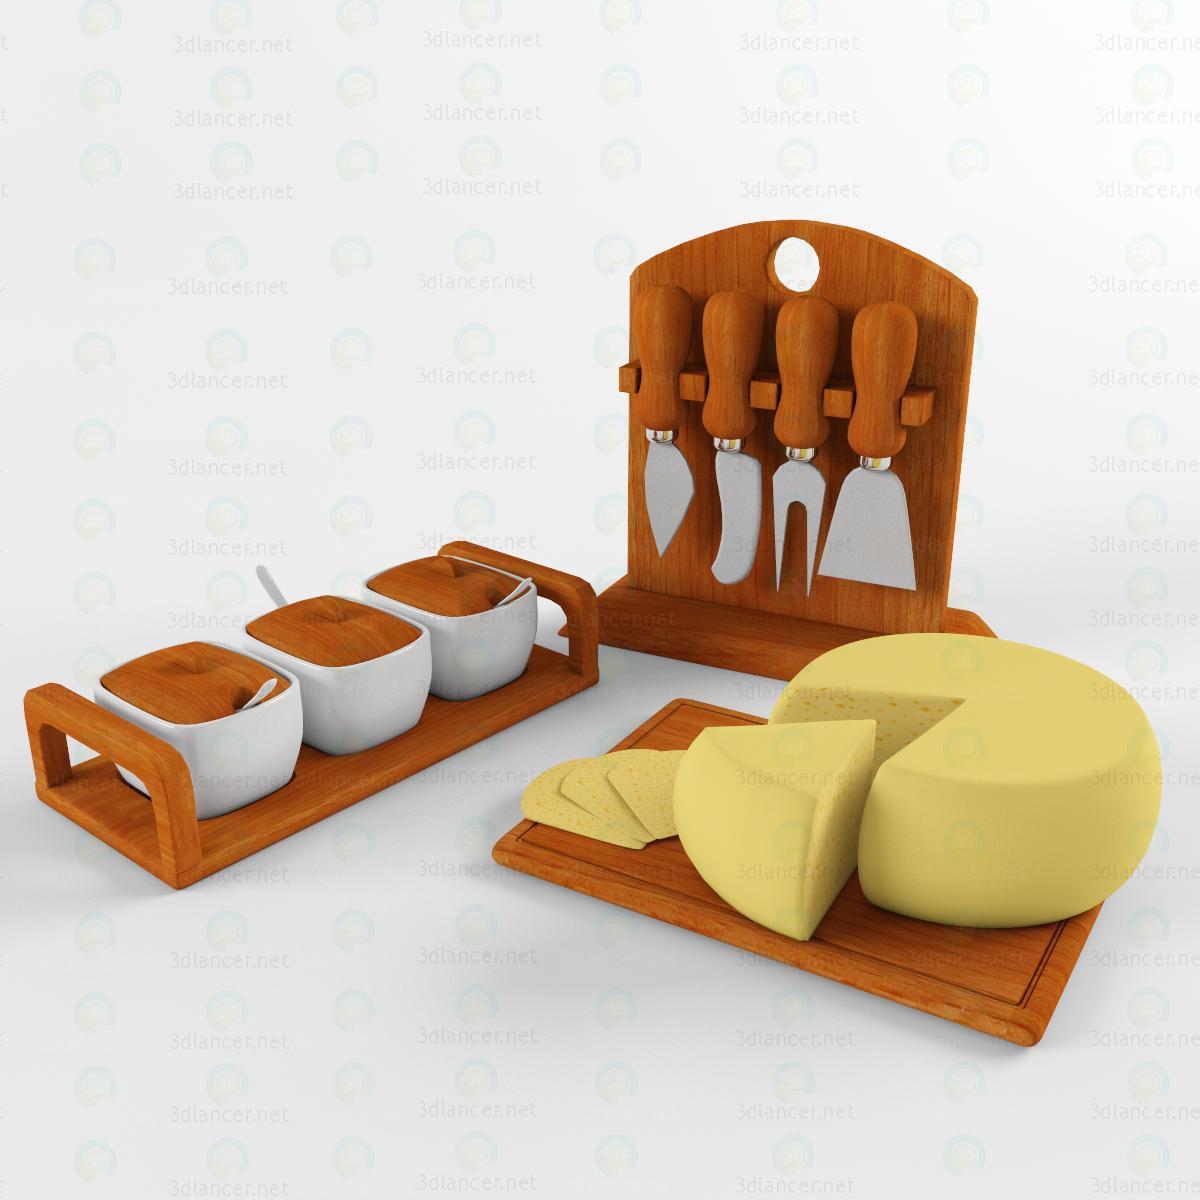 Peynir bıçaklar model ücretsiz 3D modelleme indir